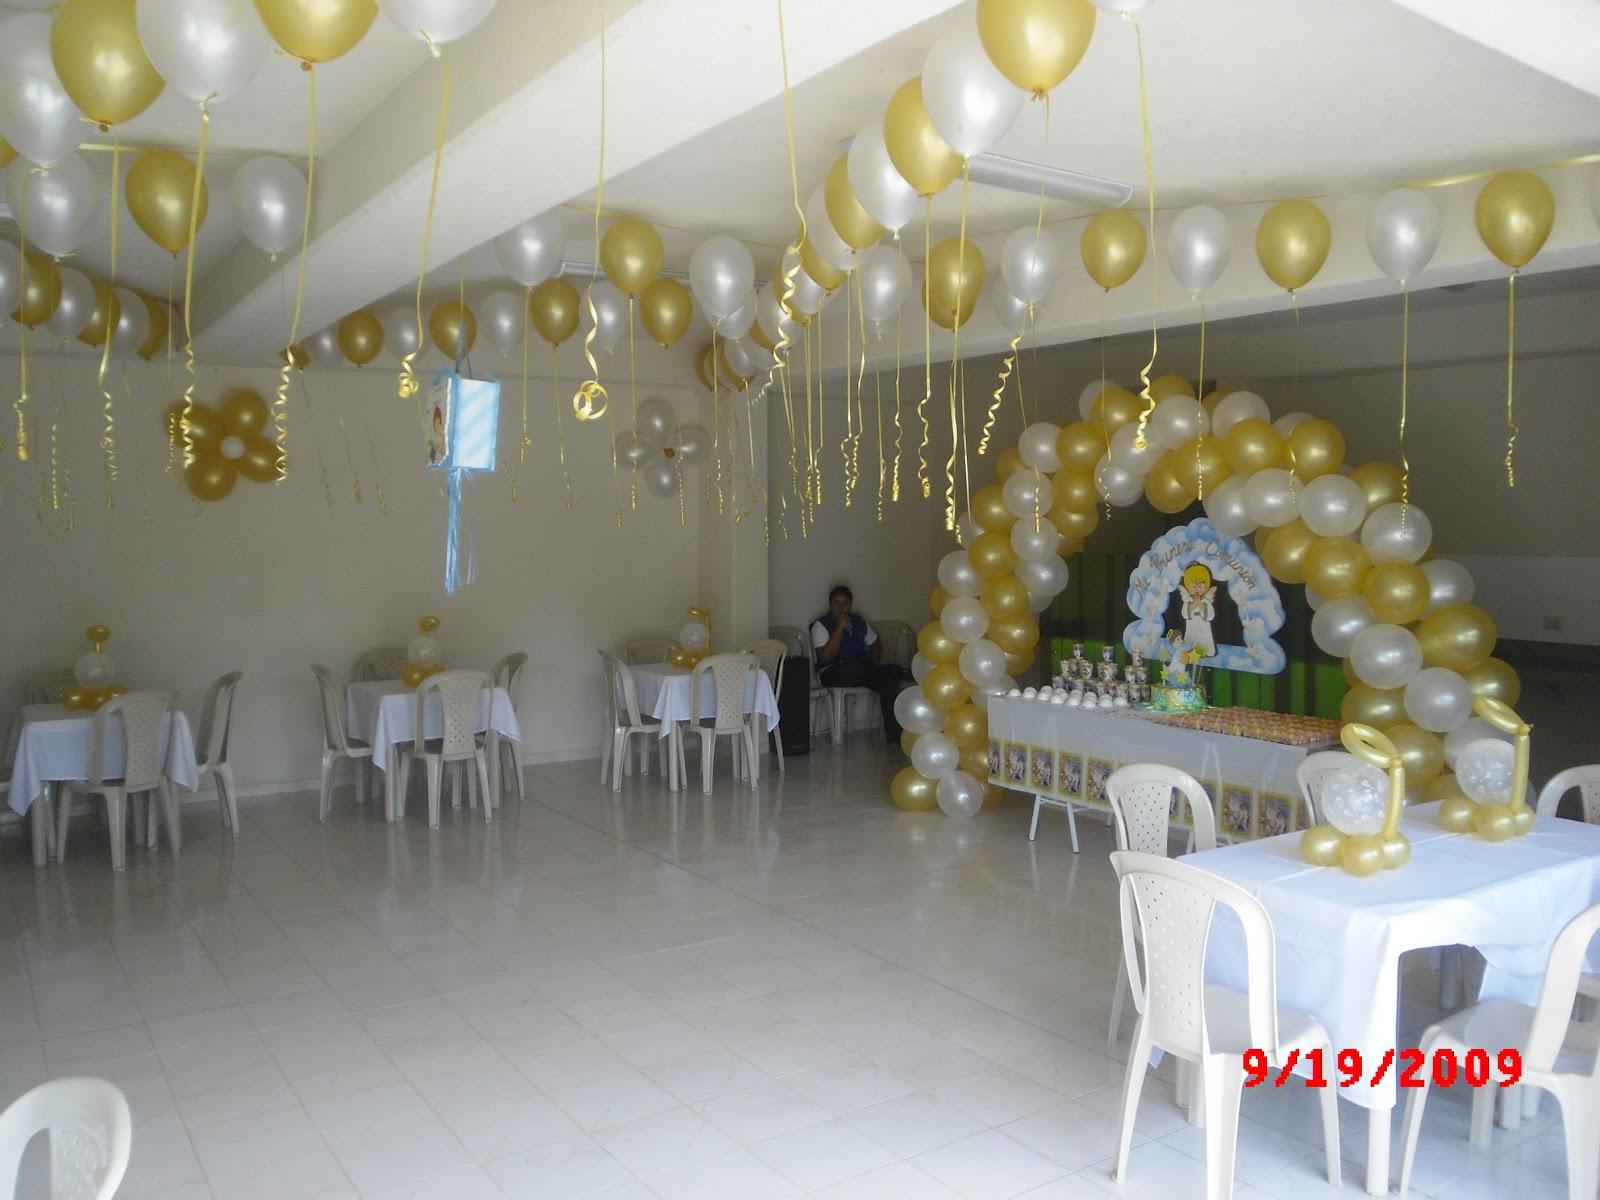 Zeuz organizacion logistica y soporte de eventos decoraciones primera comunion - Decoracion de primera comunion ...